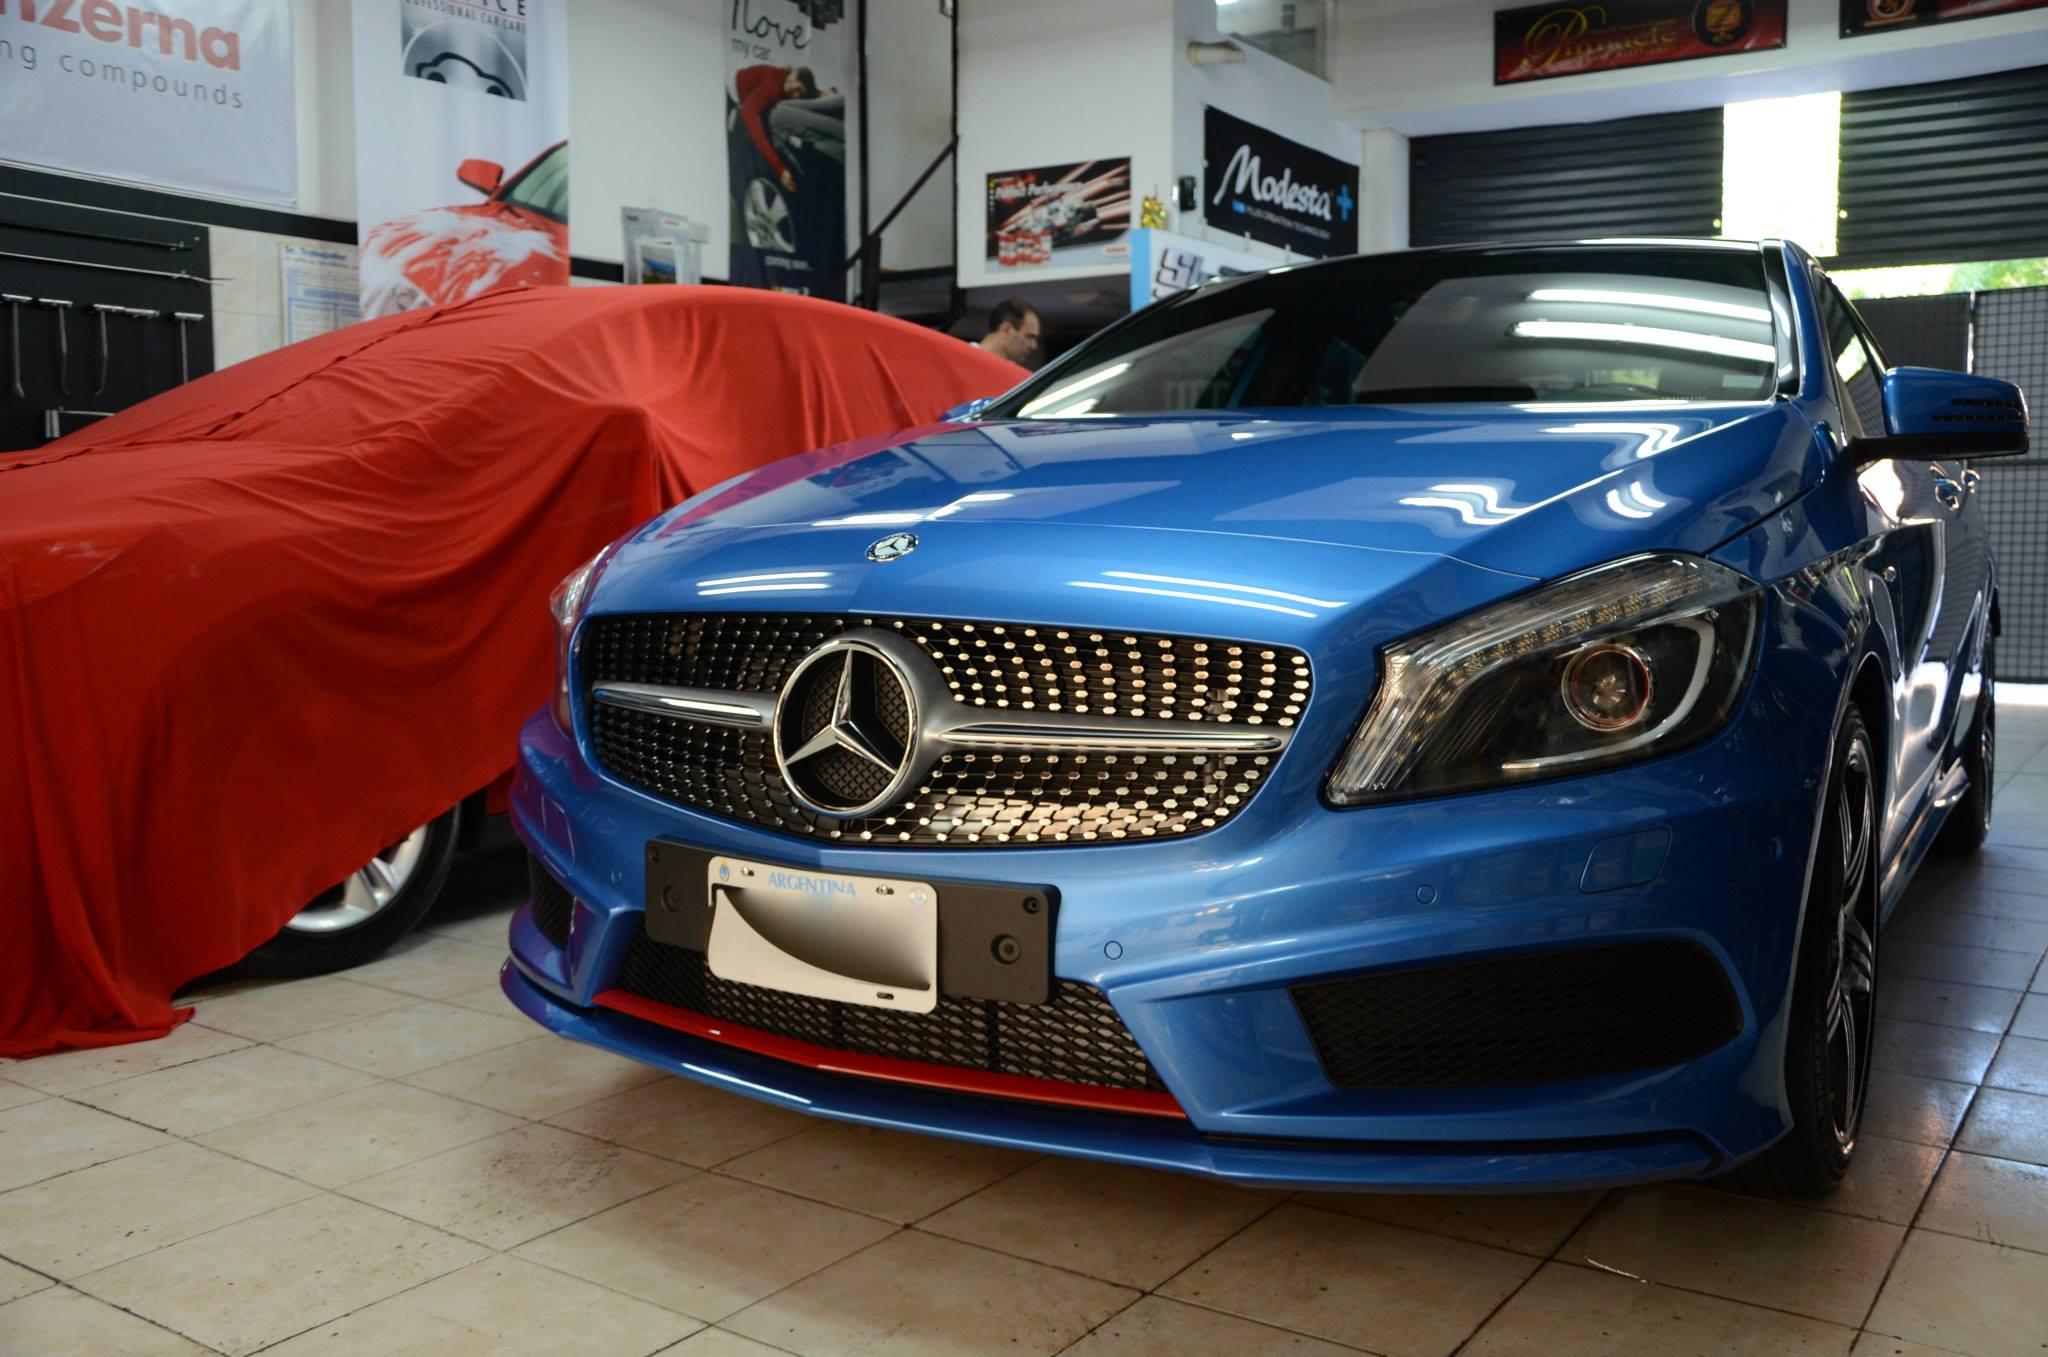 Mercedes benz a250 shinycars san isidro for Mercedes benz bentonville ar